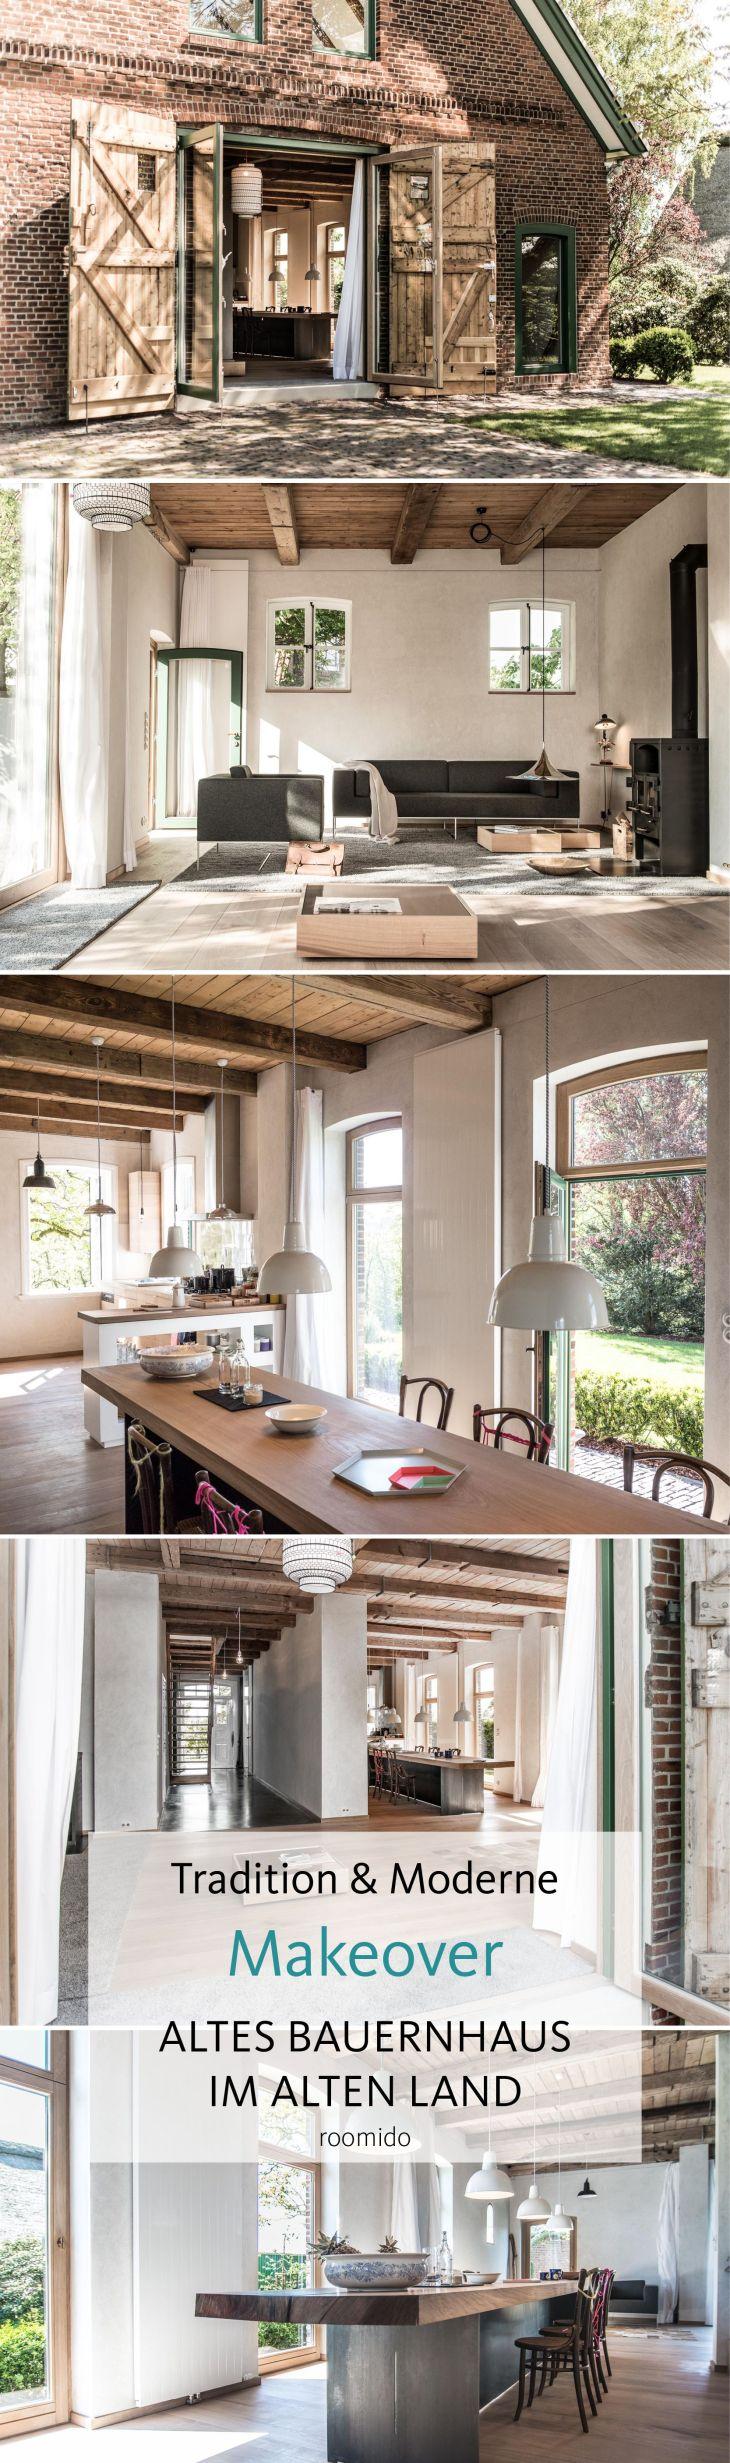 Liebevoll saniert Moderne LandhausIdylle bei Hamburg  Interiors